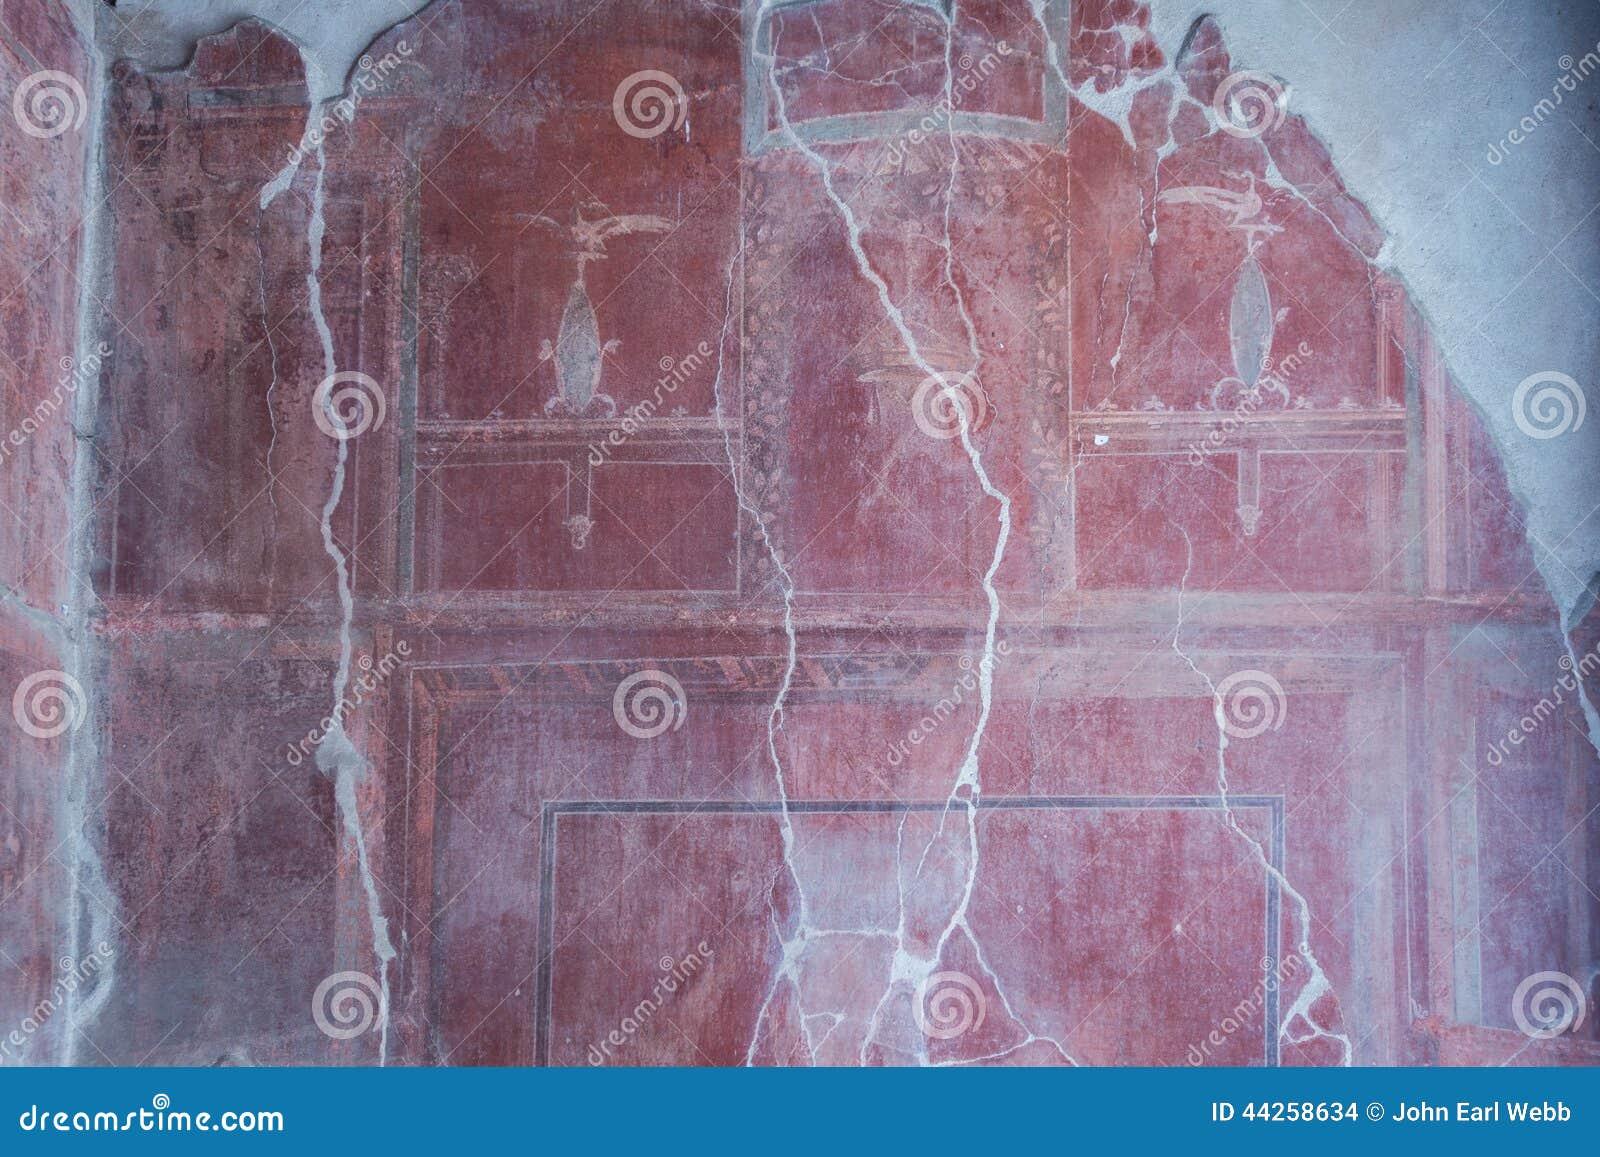 赫库兰尼姆忍受的艺术品和设计